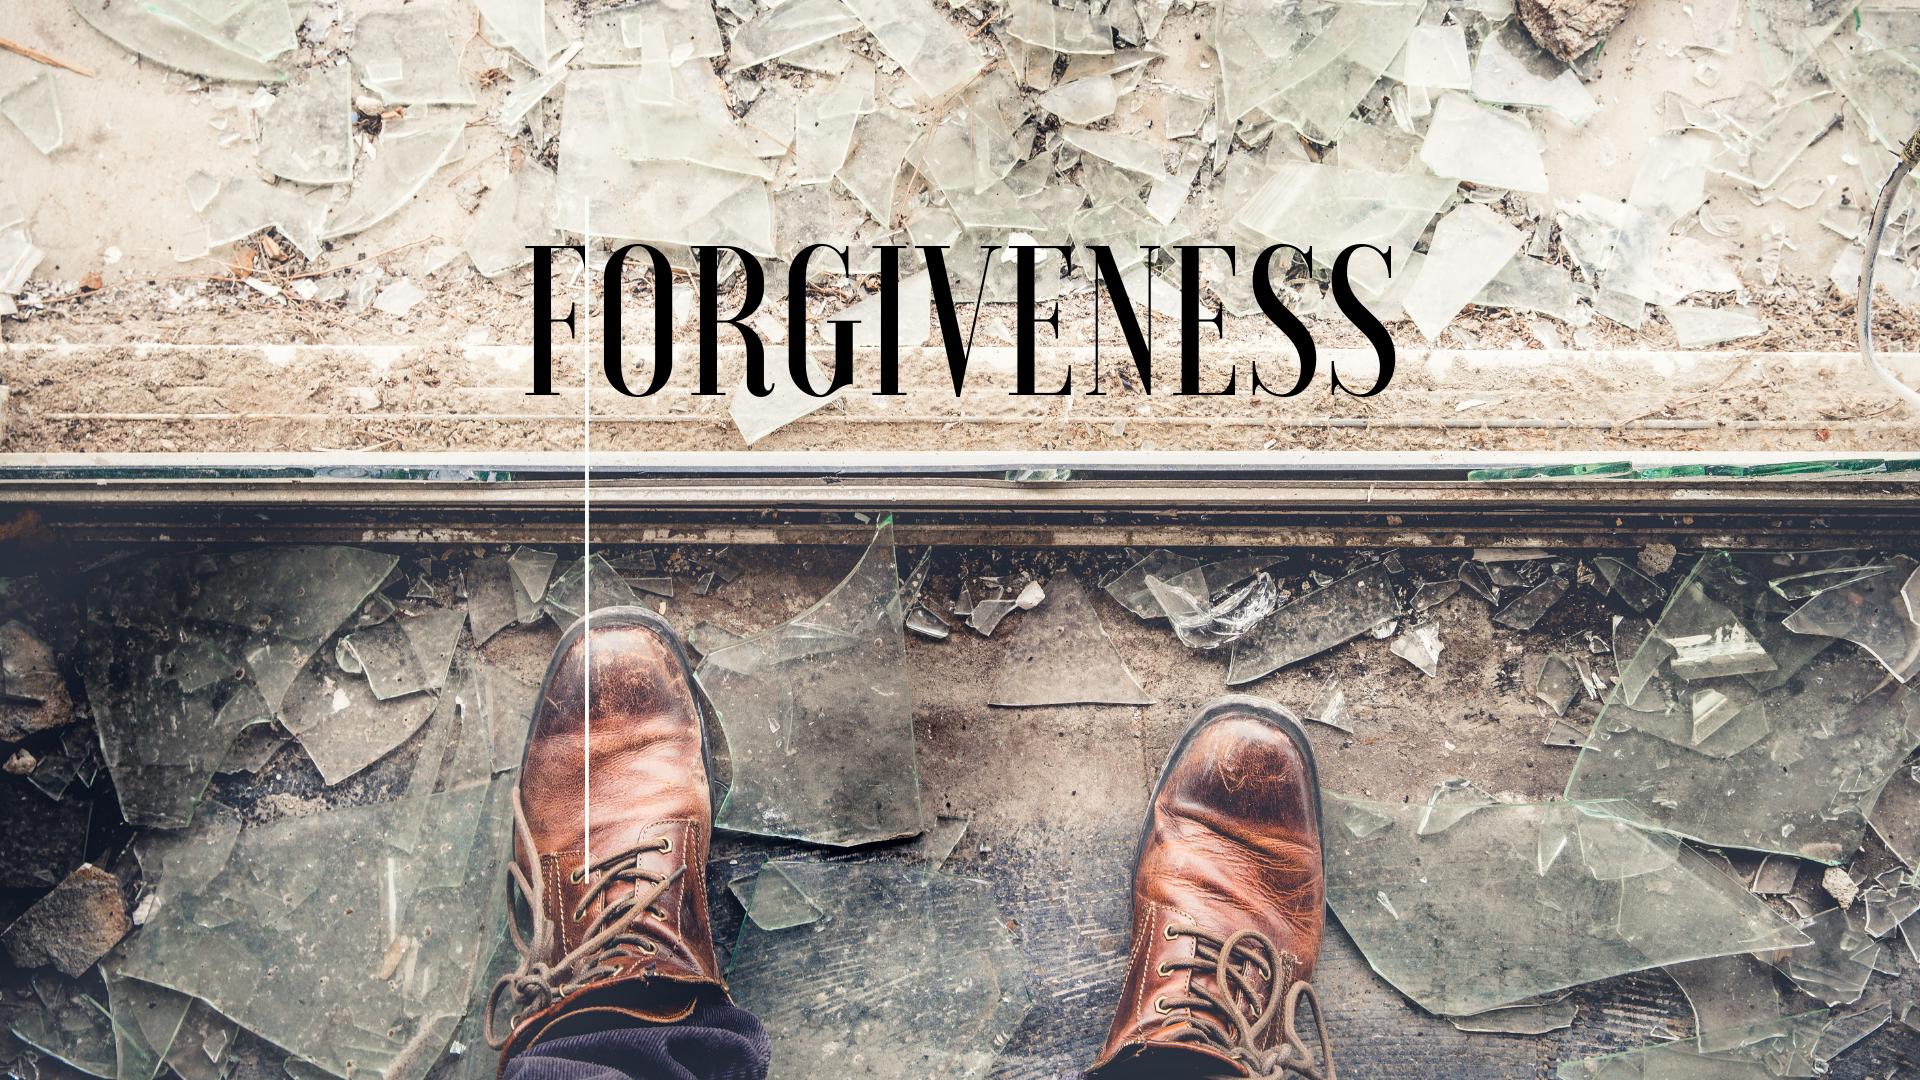 Forgiveness – Better not Bitter